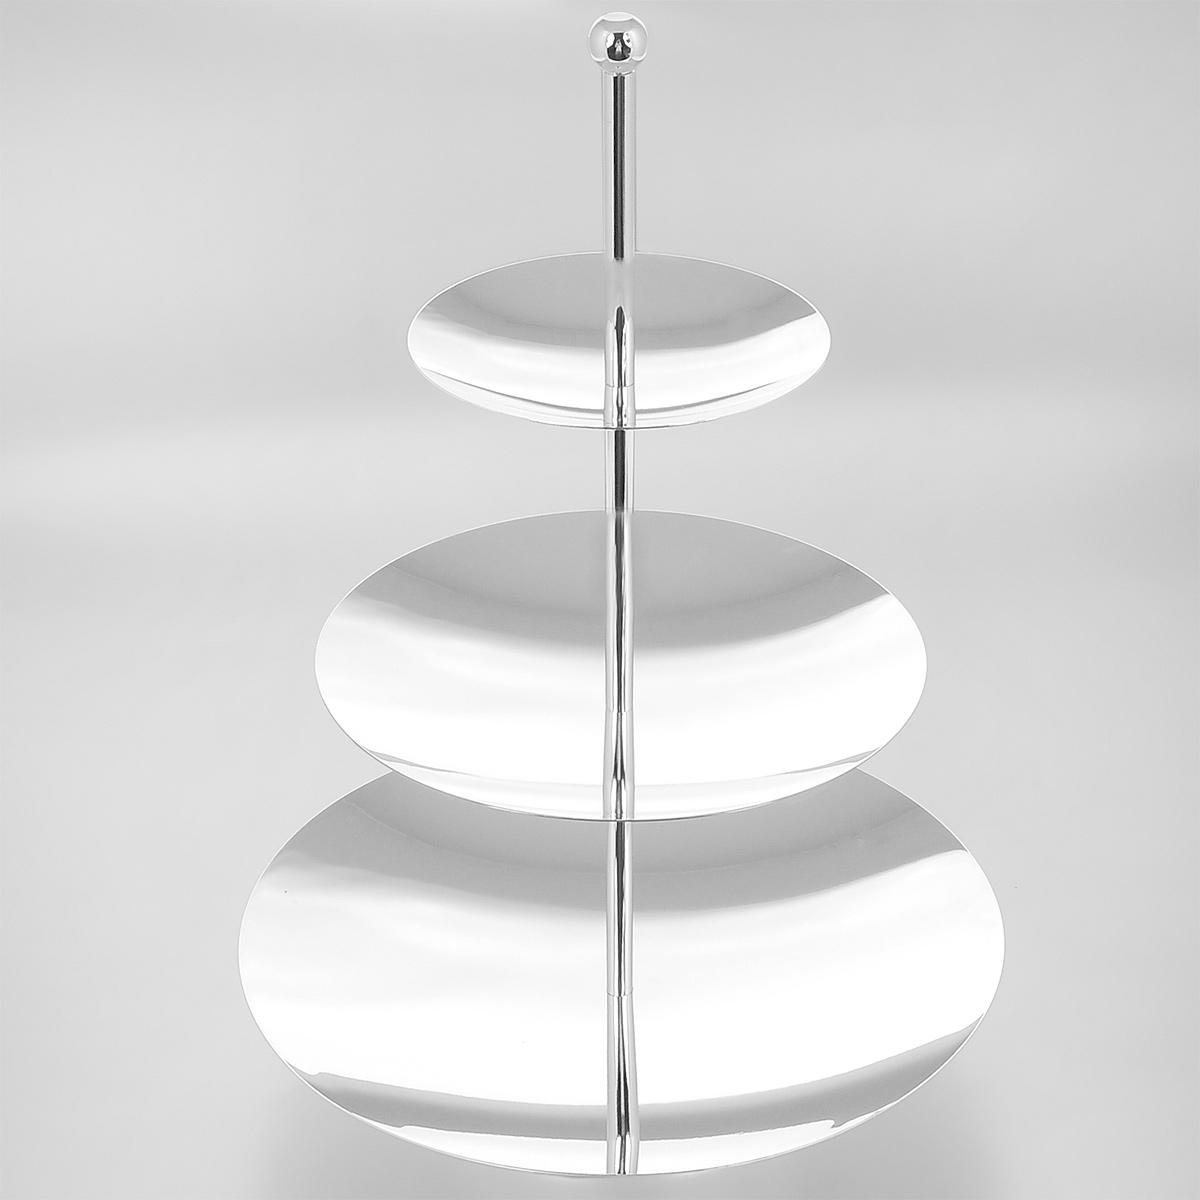 Ваза универсальная Marquis, 3-х ярусная, высота 36 см. 3073-MR3073-MRУниверсальная трехъярусная ваза Marquis изготовлена из стали с серебряно-никелевым покрытием. Круглые блюда имеют абсолютно гладкую зеркальную поверхность. Ваза прекрасно подойдет для красивой сервировки конфет, пирожных и других кондитерских изделий, а также фруктов. Такая ваза придется по вкусу и ценителям классики, и тем, кто предпочитает утонченность и изысканность. Она великолепно украсит праздничный стол и подчеркнет прекрасный вкус хозяина, а также станет отличным подарком.